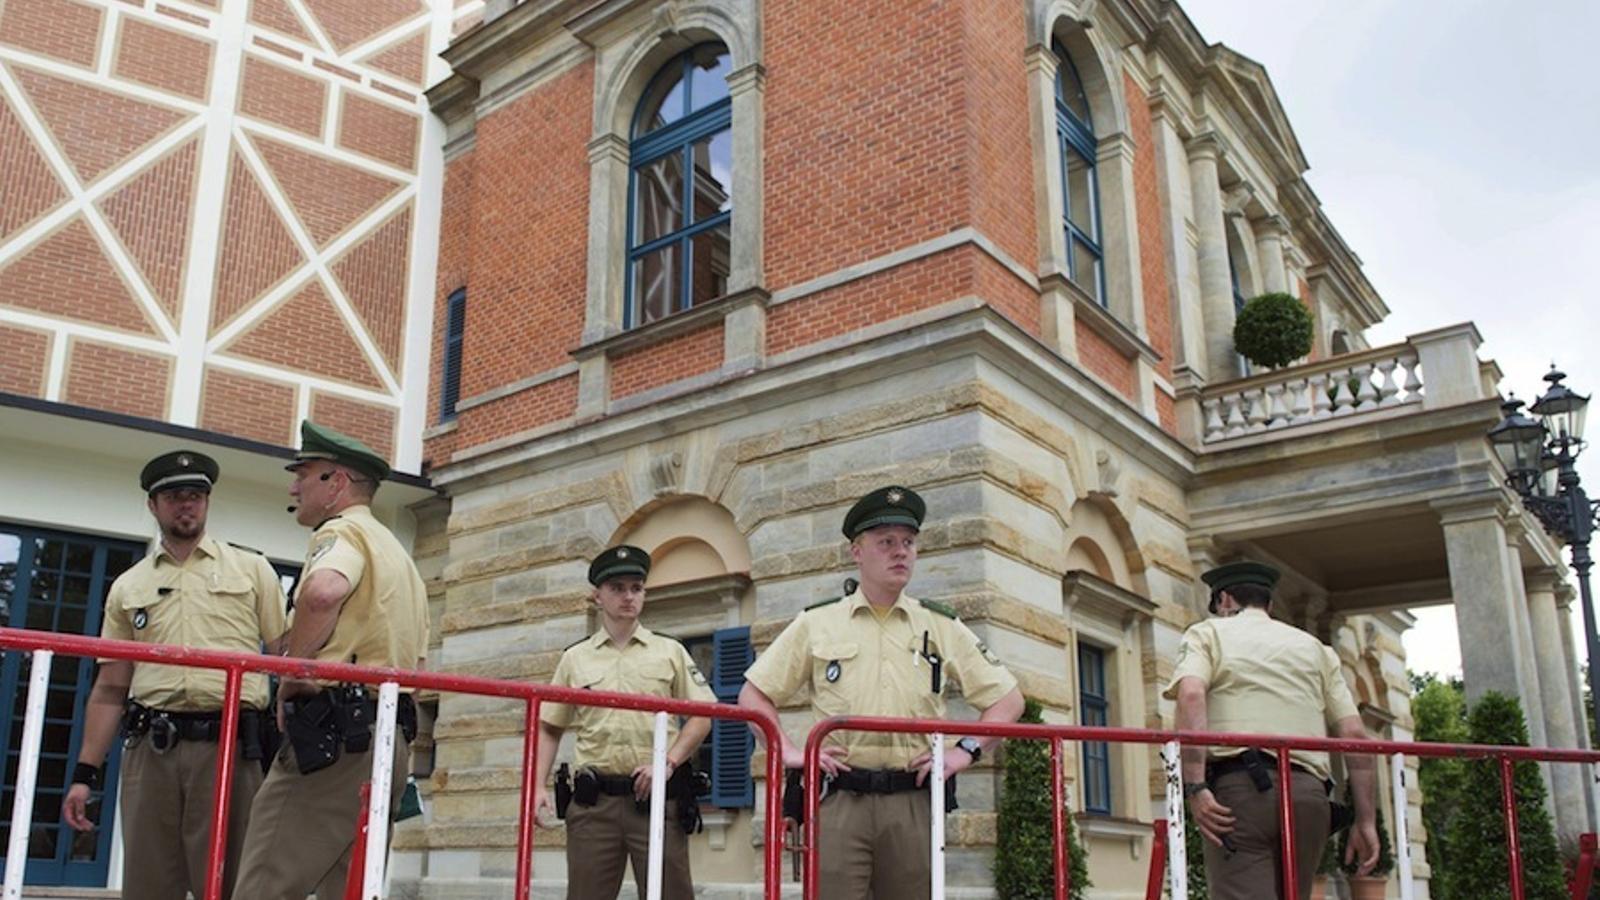 Preocupació per la seguretat a Bayreuth